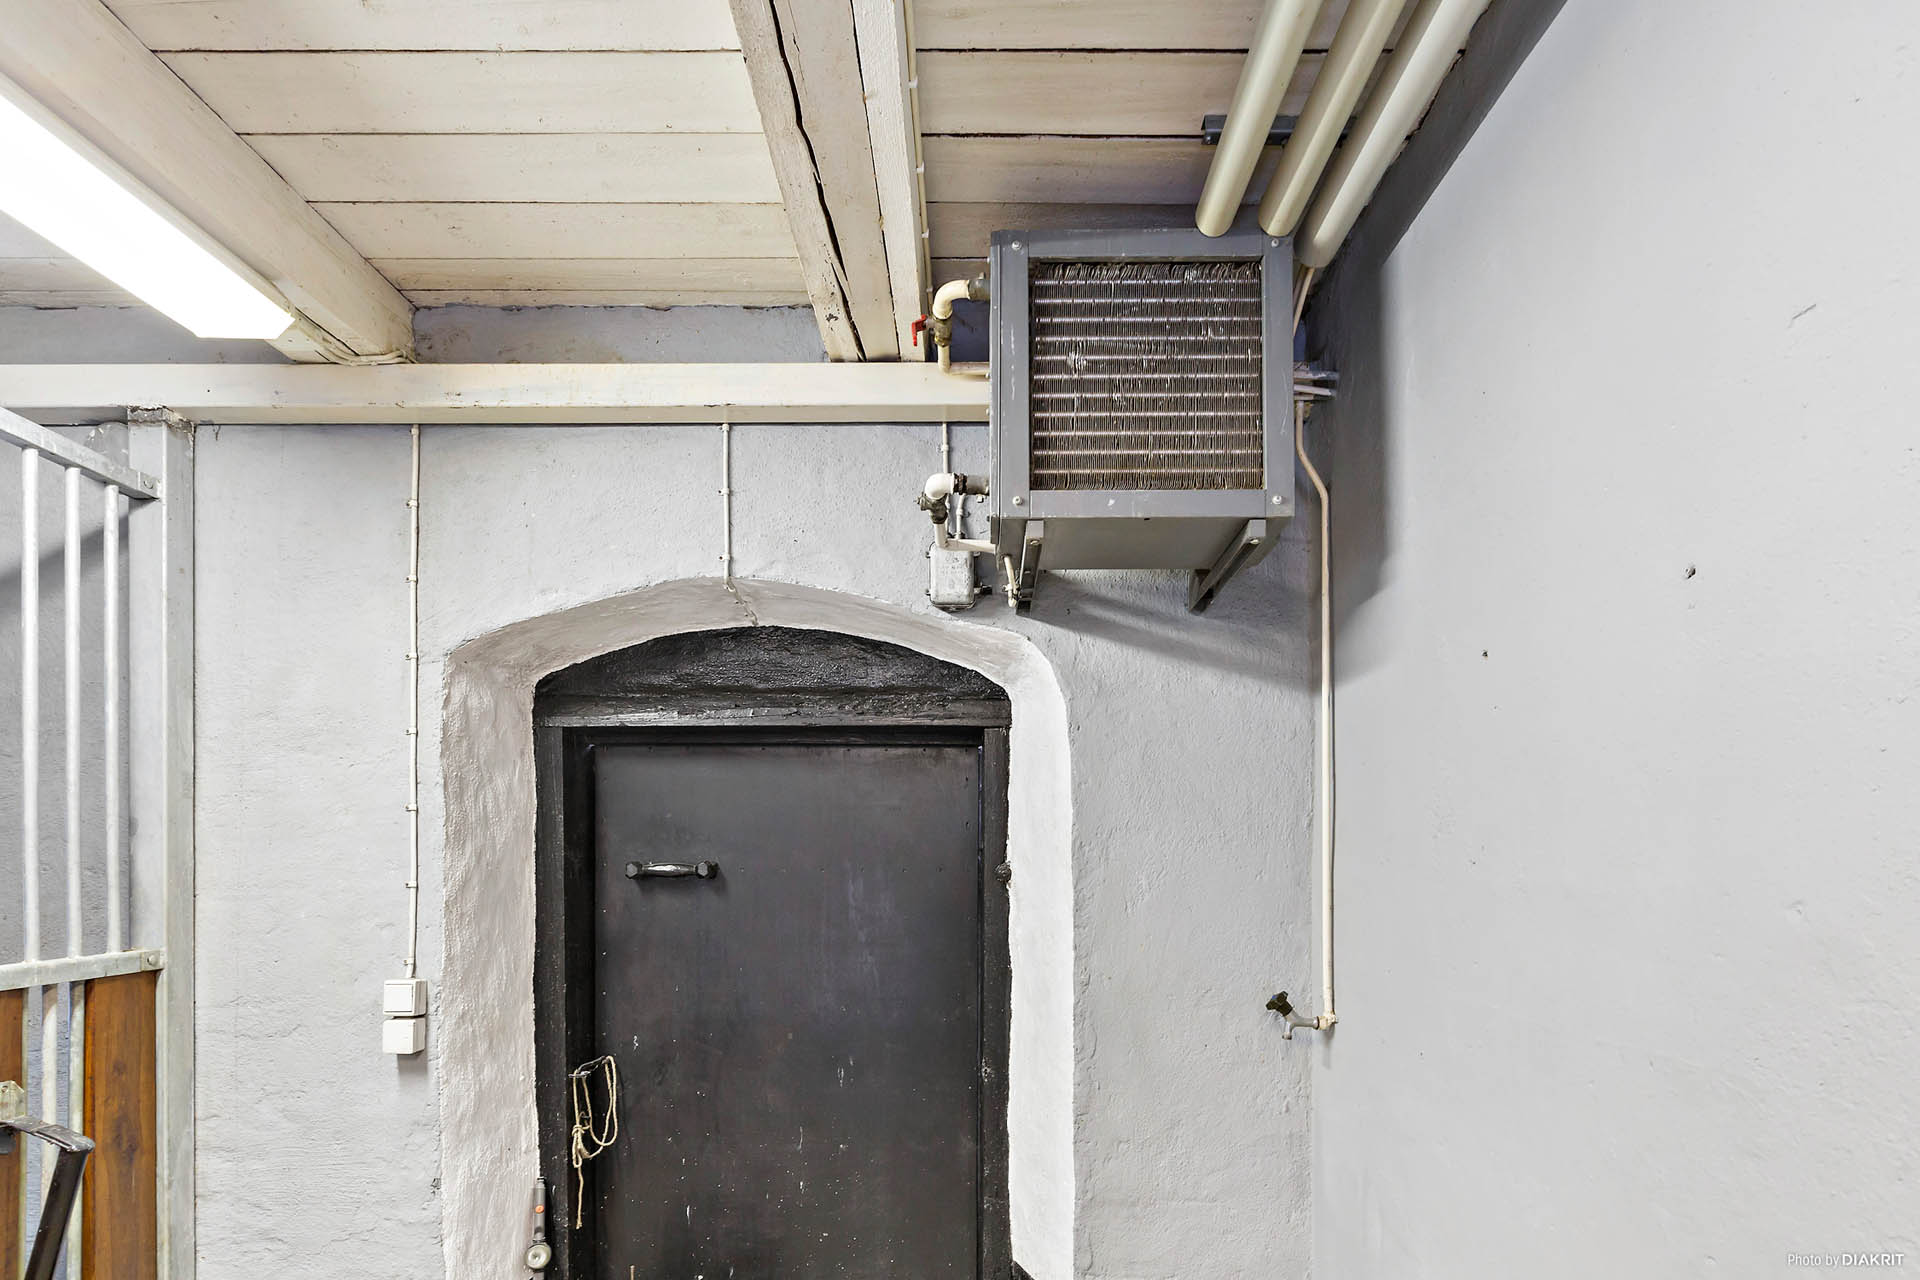 Värmesystem i stora stallet